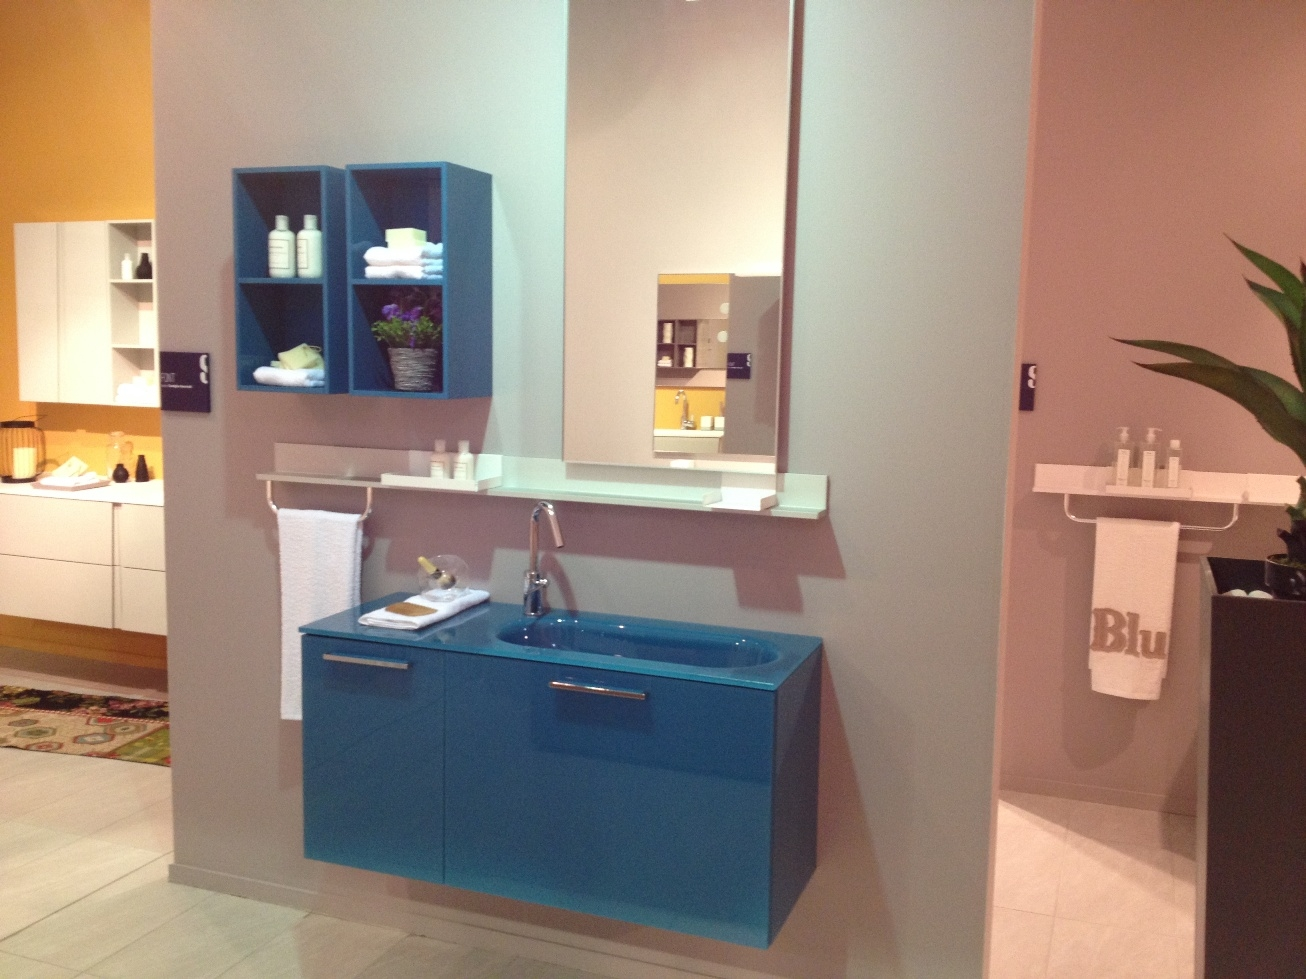 Scavolini bathrooms front vetro arredo bagno a prezzi scontati - Outlet piastrelle bagno ...